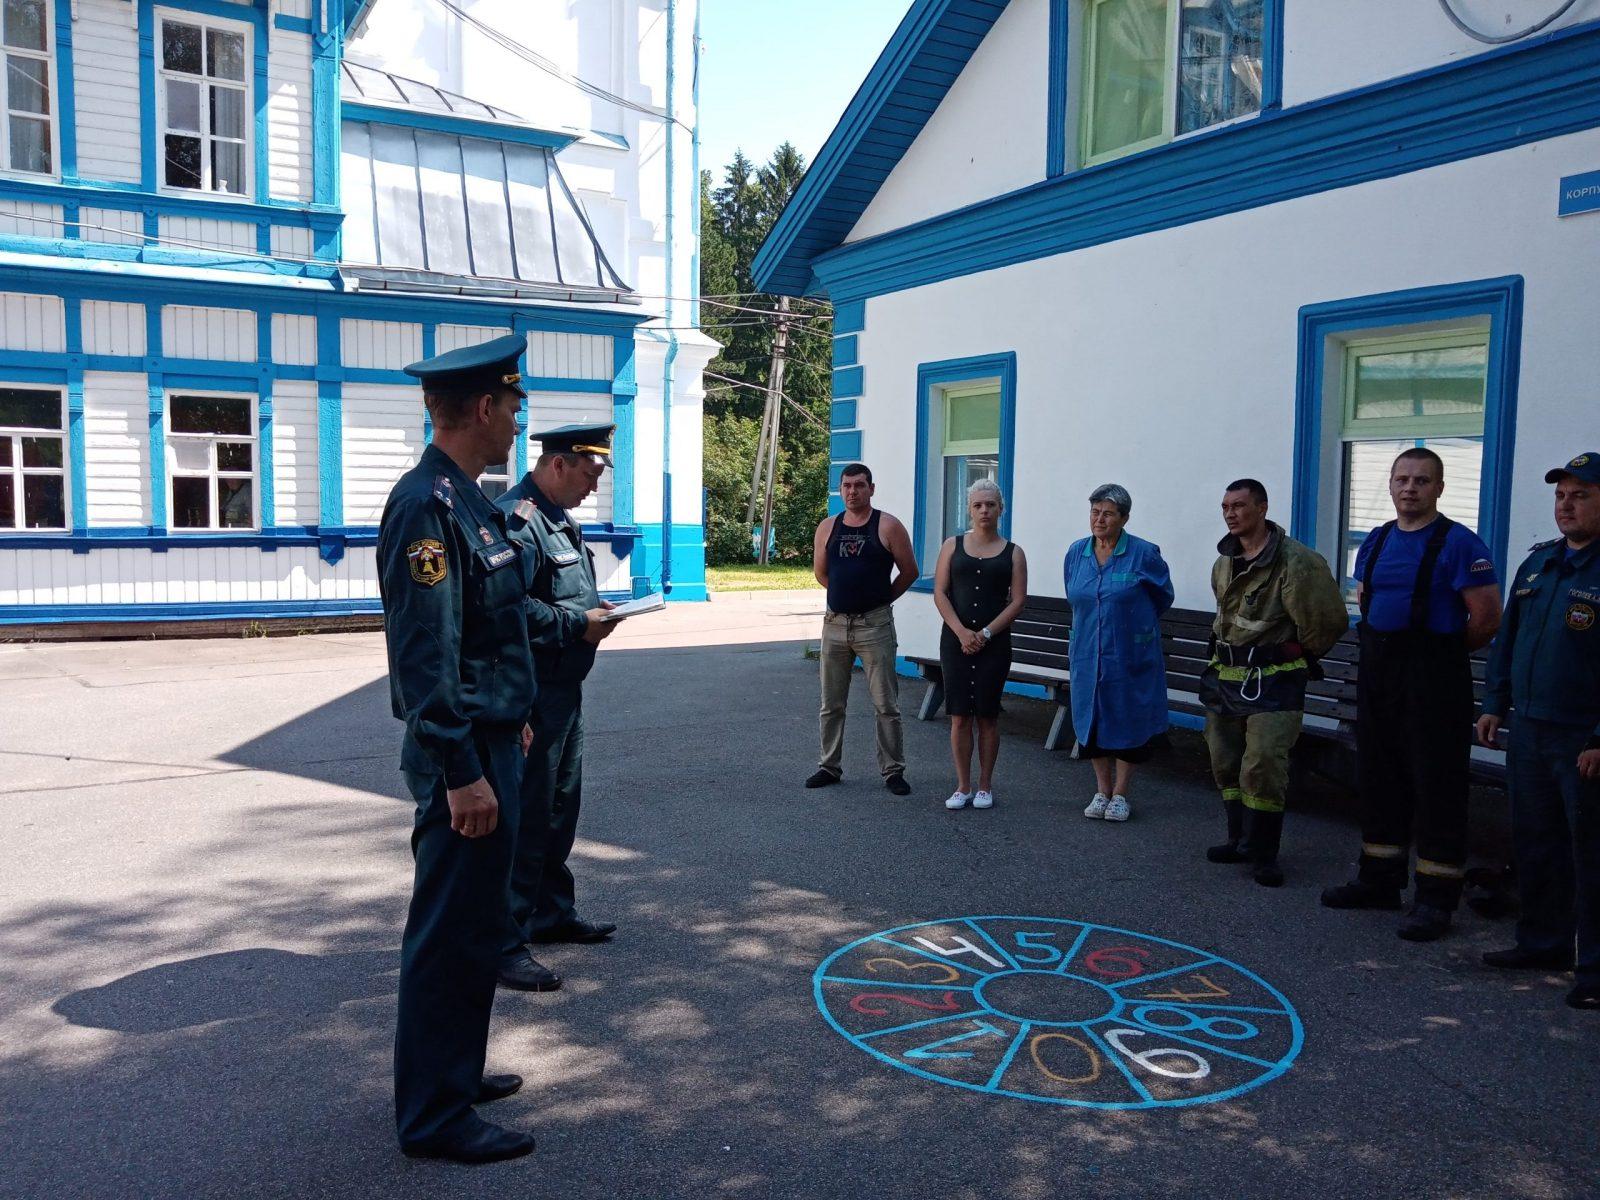 Пожарные провели тренировку в Колчаново